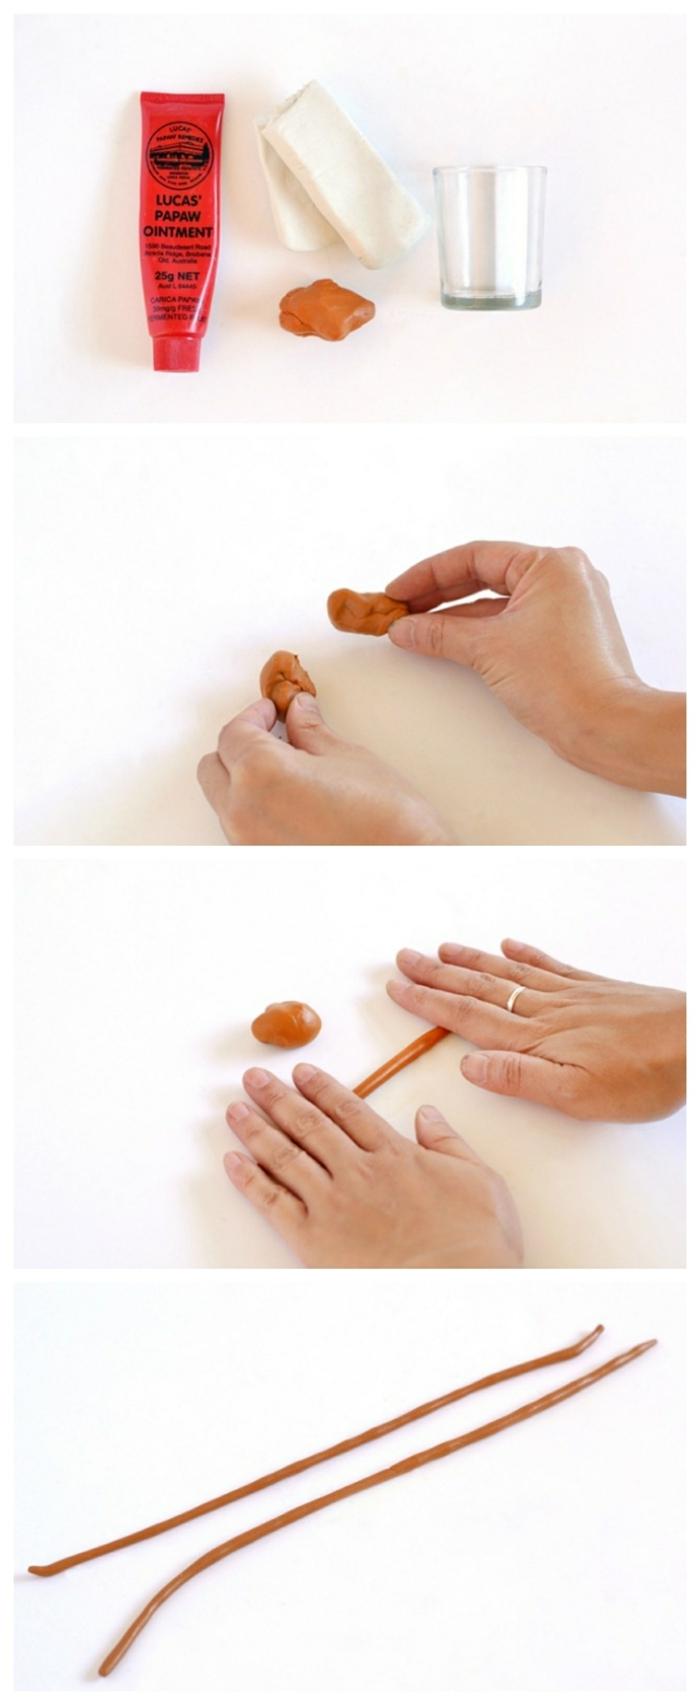 Collagen Anleitung zu basteln von kleiner Vase aus Ton, Hand formt Schnüre aus Ton, Wohnzimmer Deko selber machen